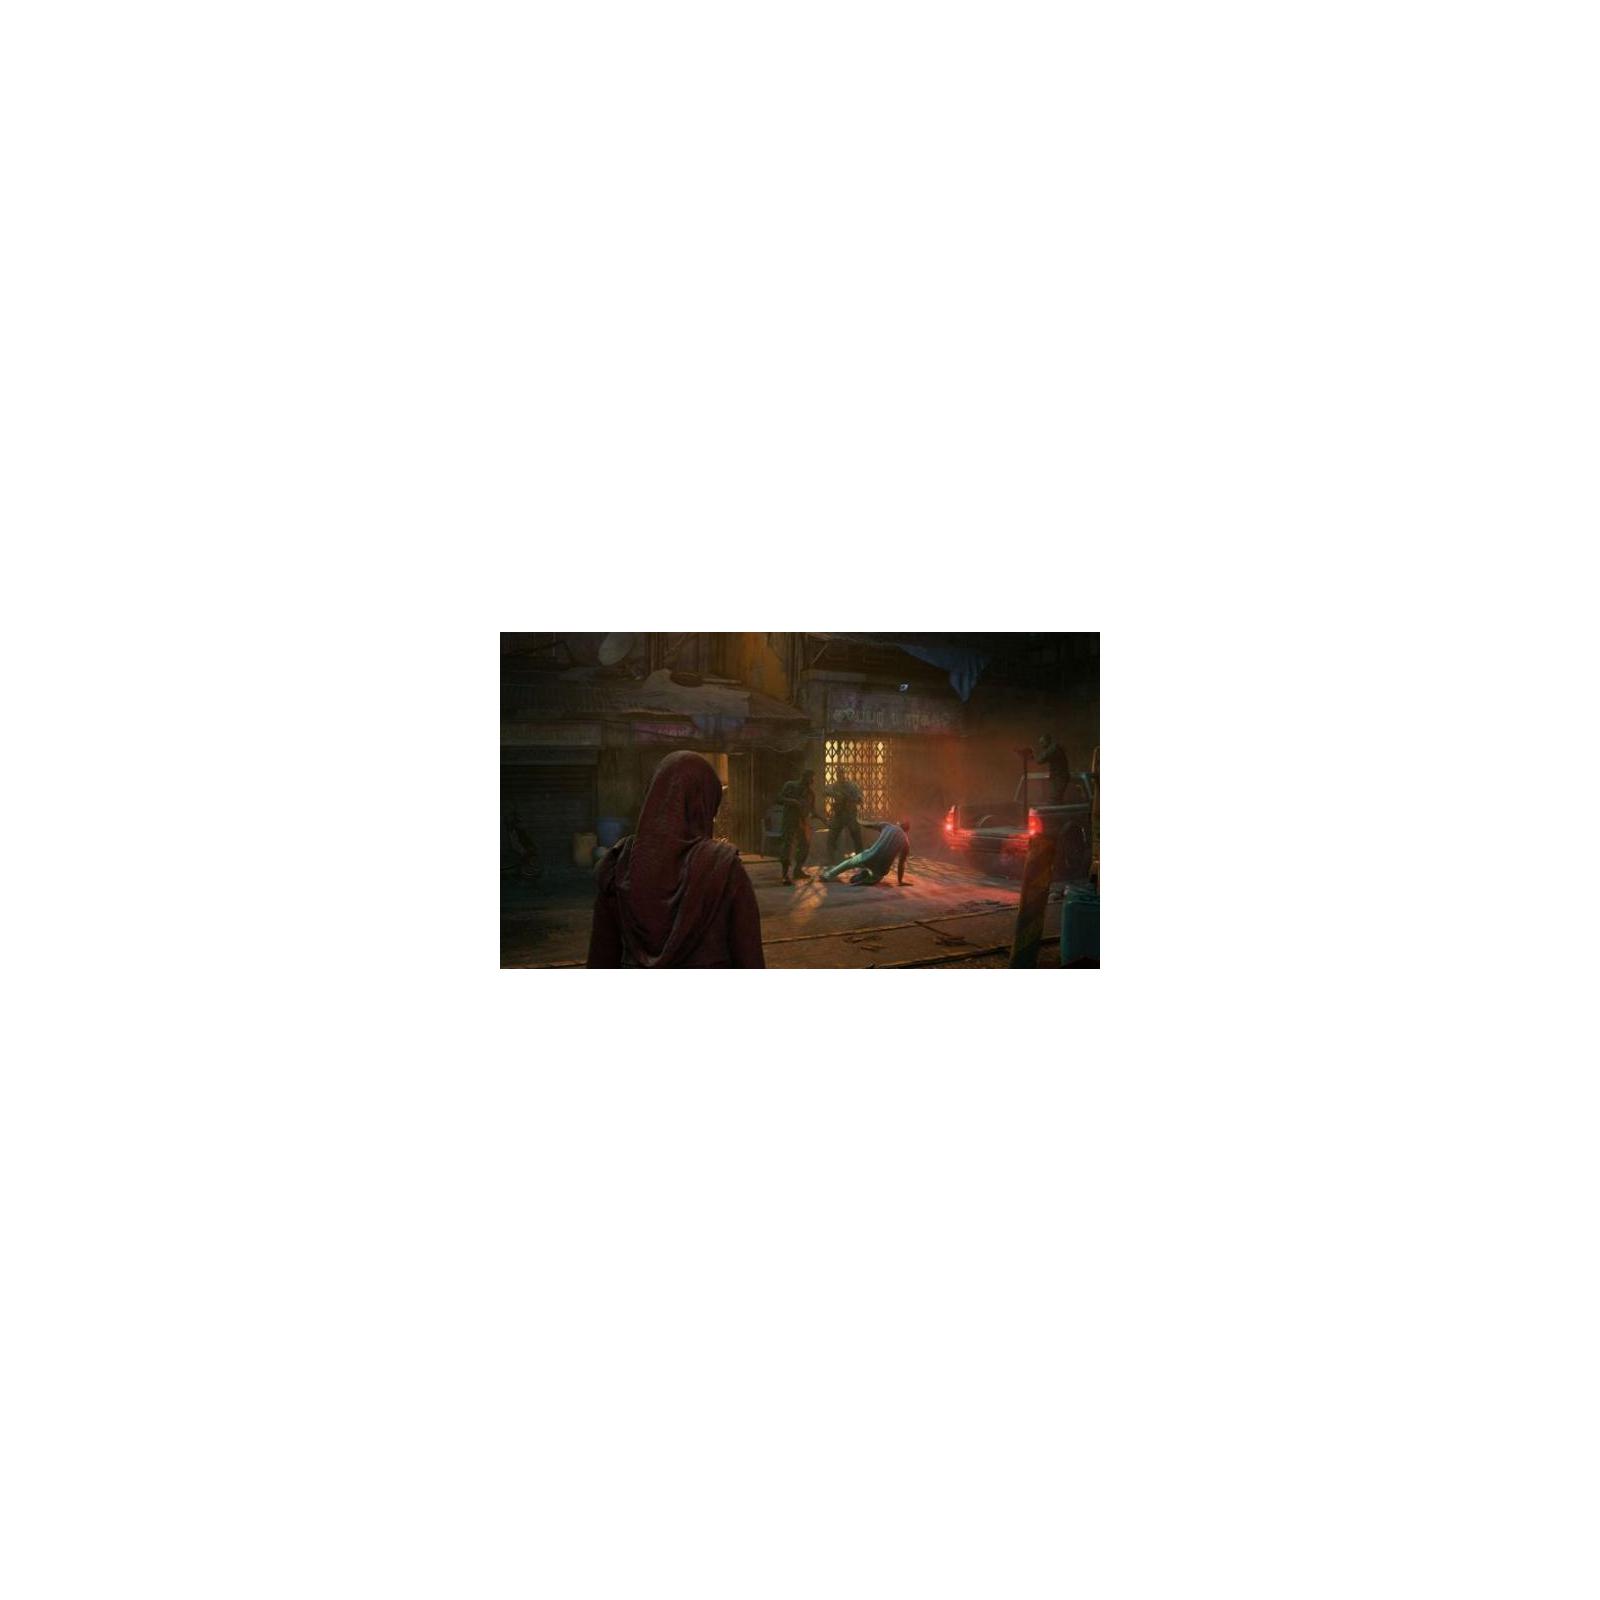 Игра SONY Uncharted: Утраченное наследие [PS4, Russian version] (9879862) изображение 4